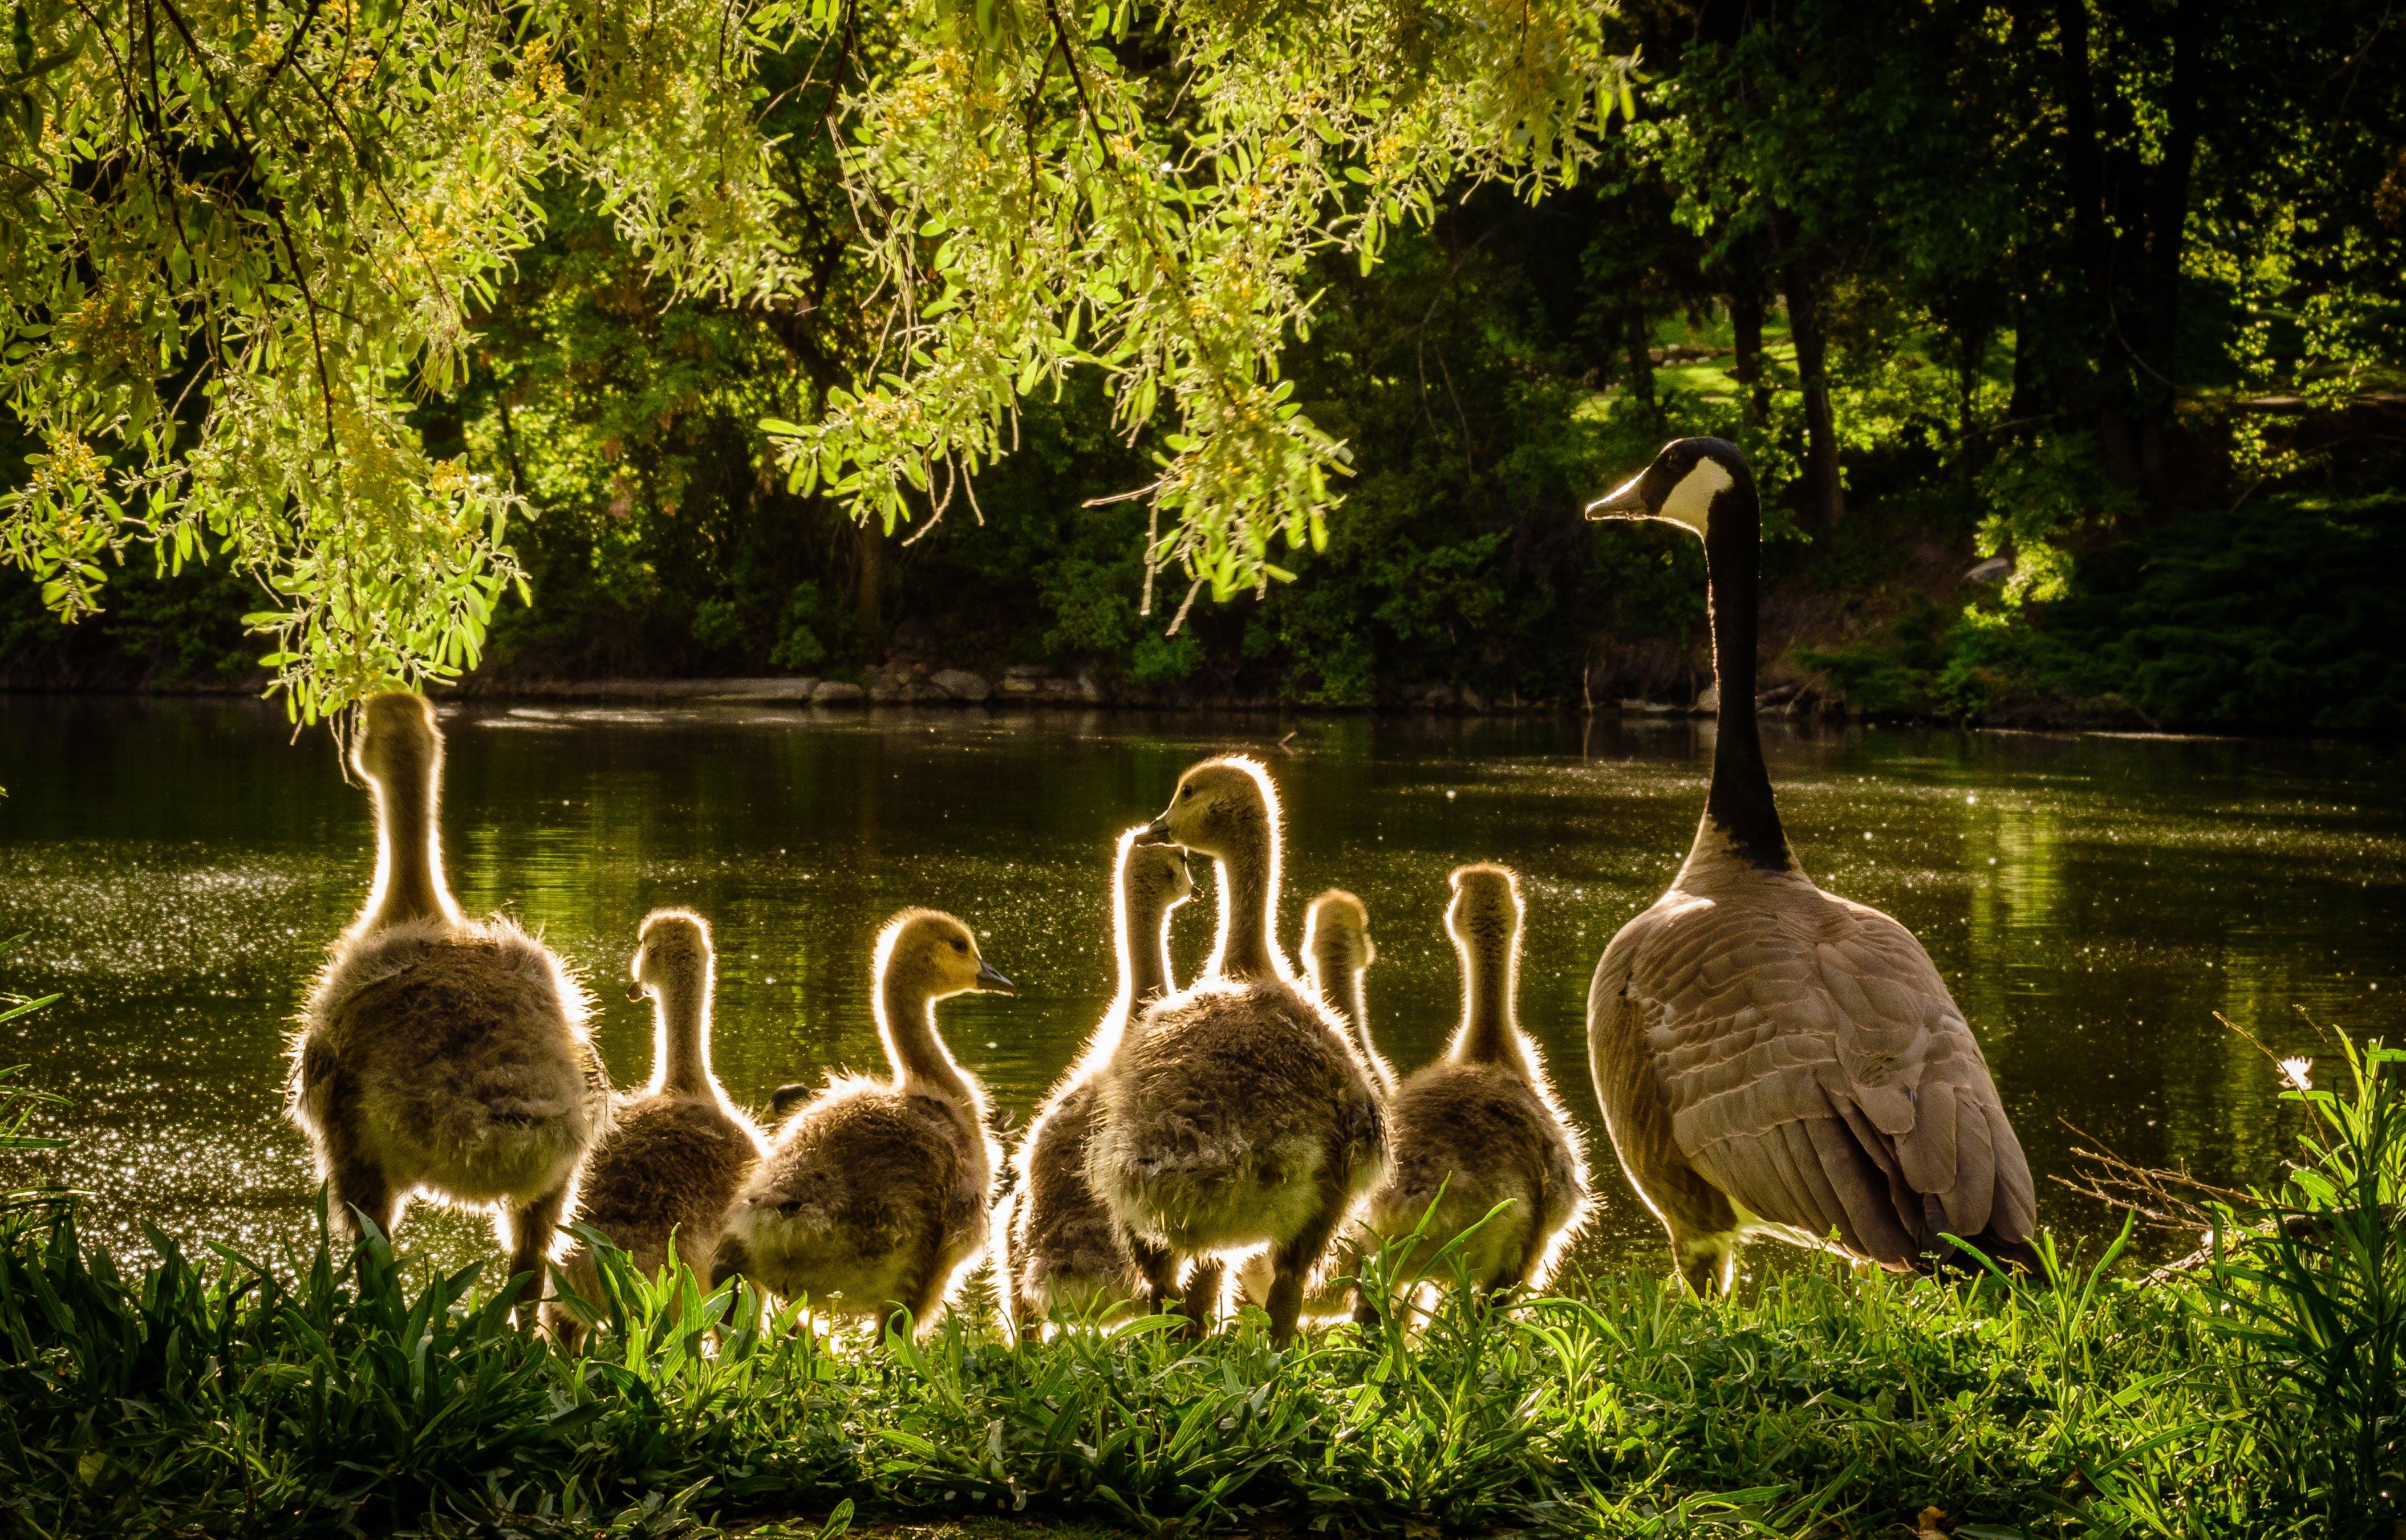 Ducks Near Body of Water